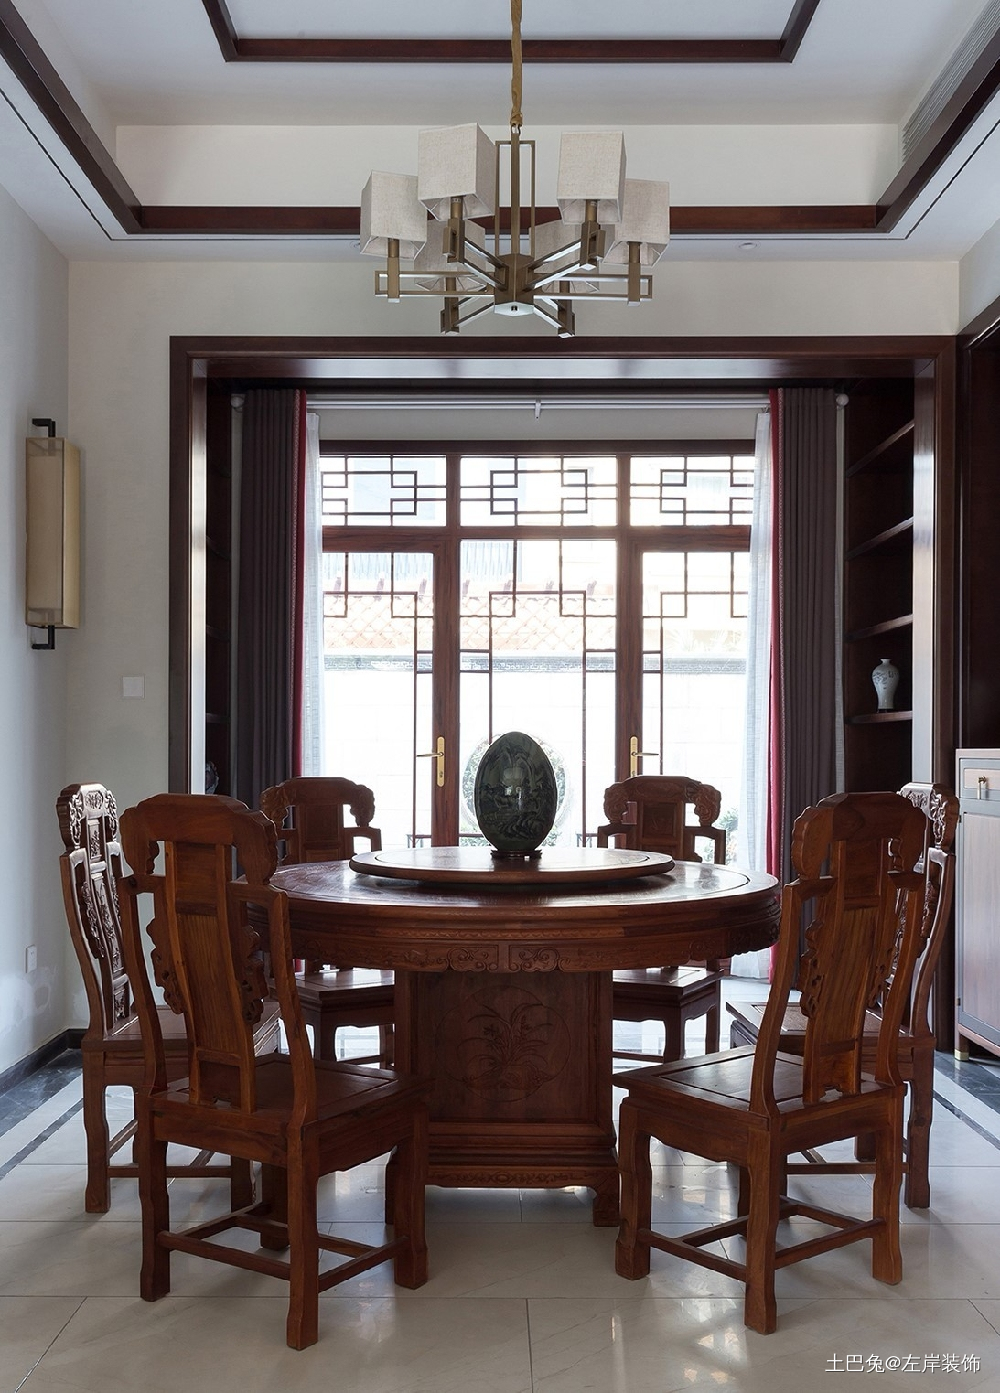 260平方中式风格设计红木家具搭配设计厨房中式现代餐厅设计图片赏析